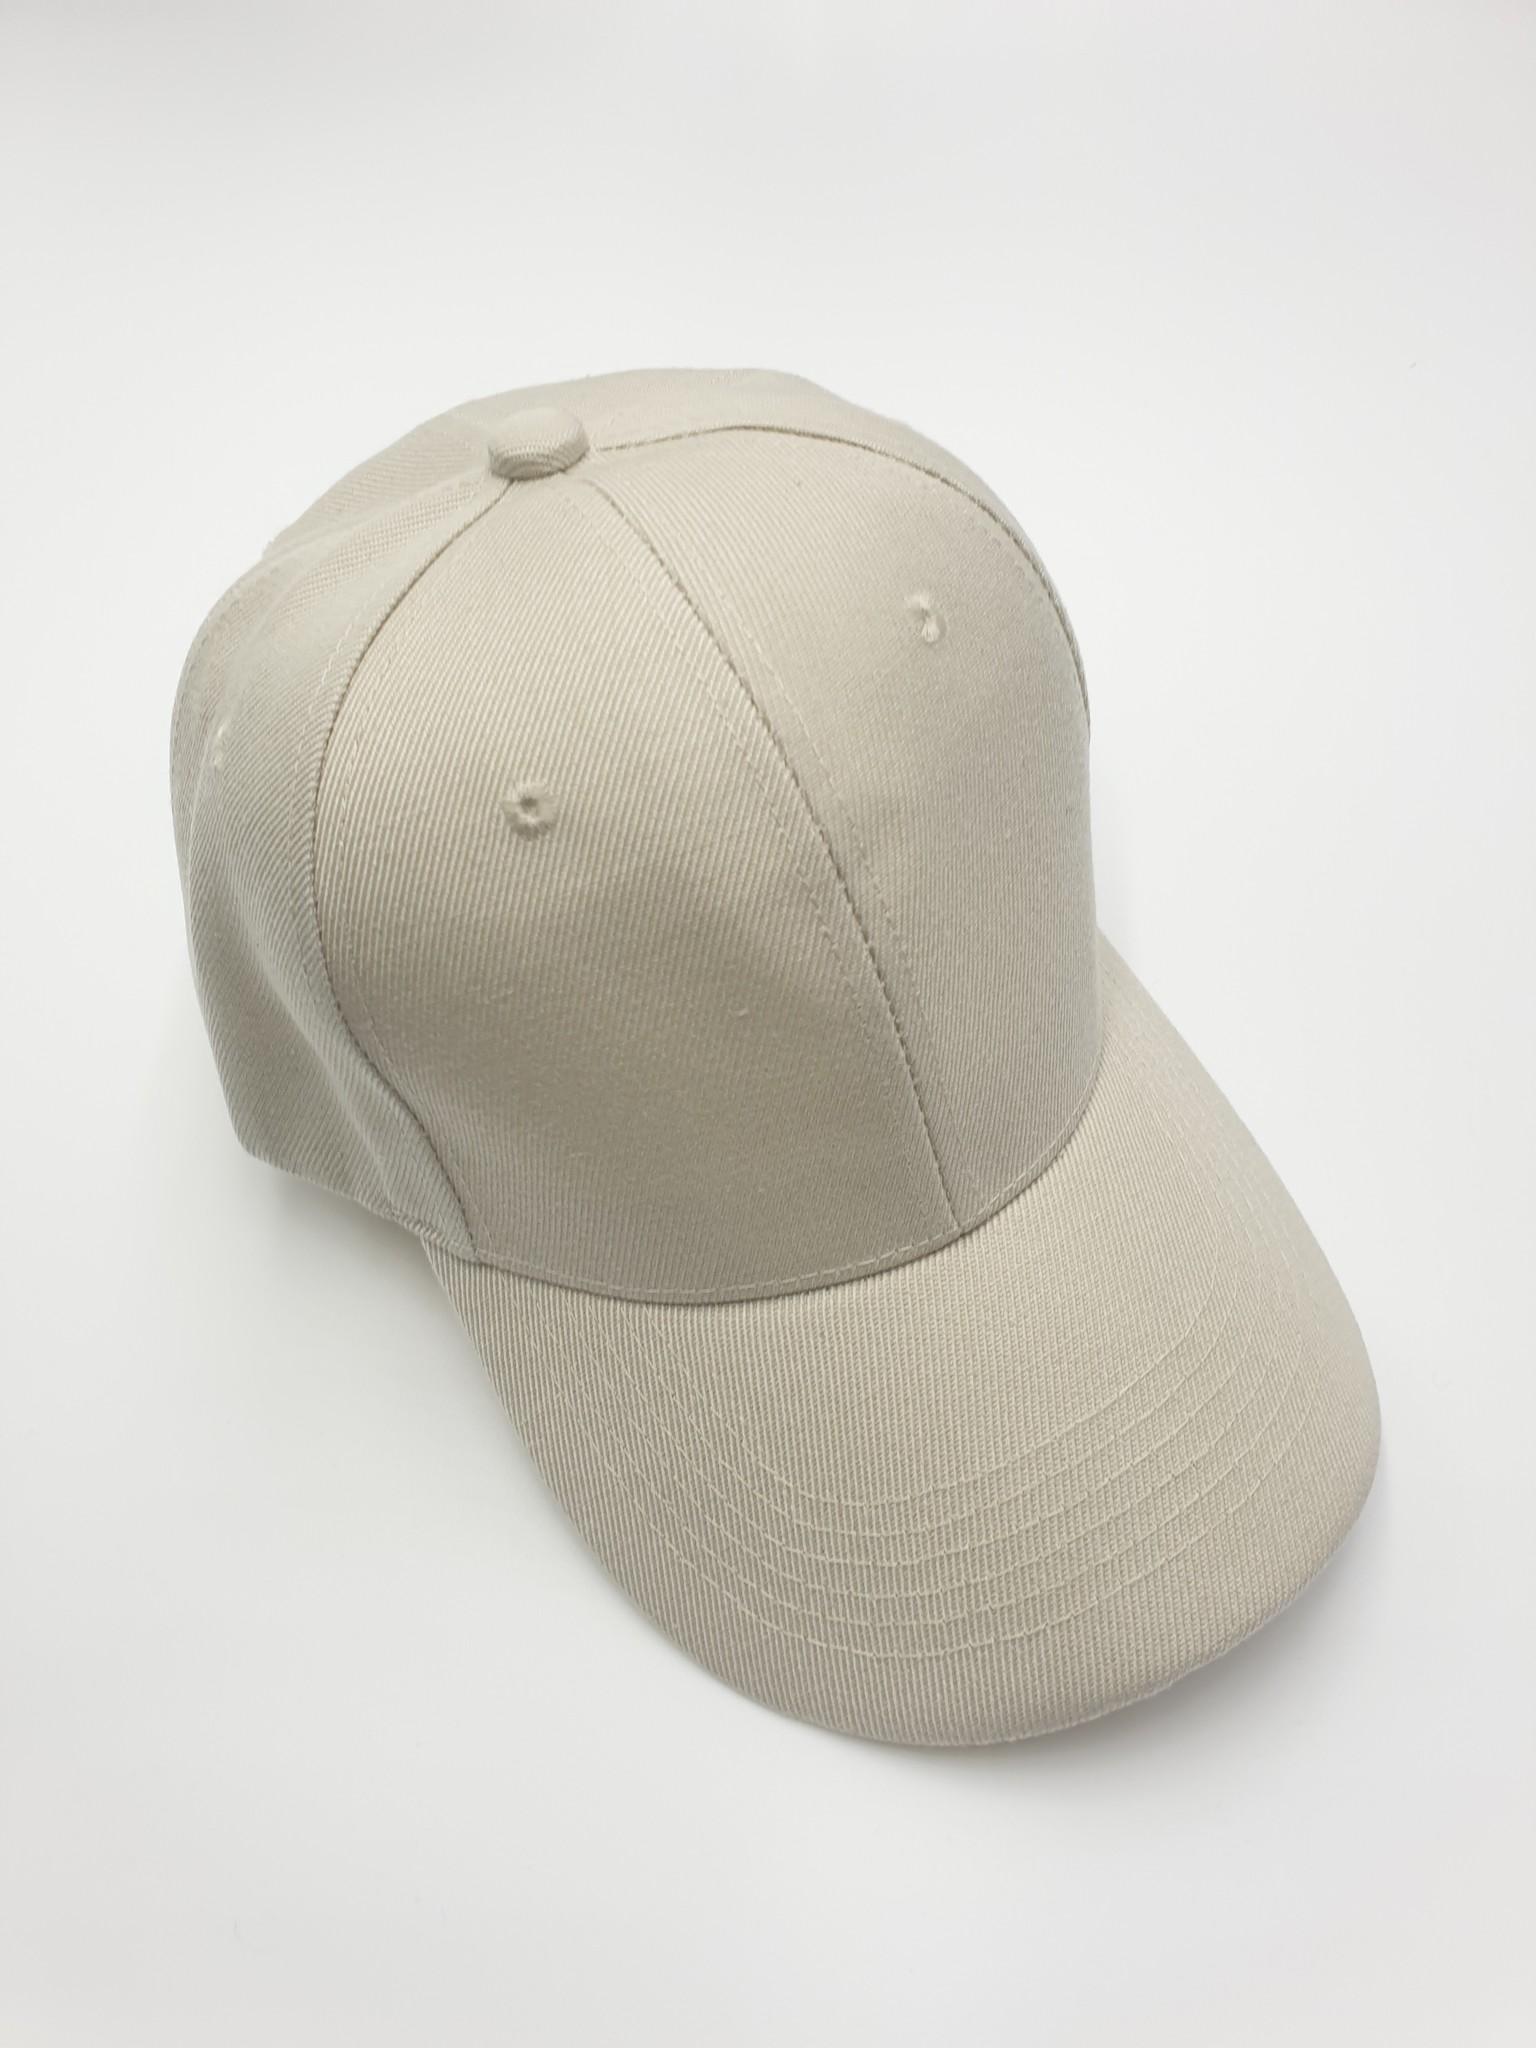 Arpione Cotton Cap Beige